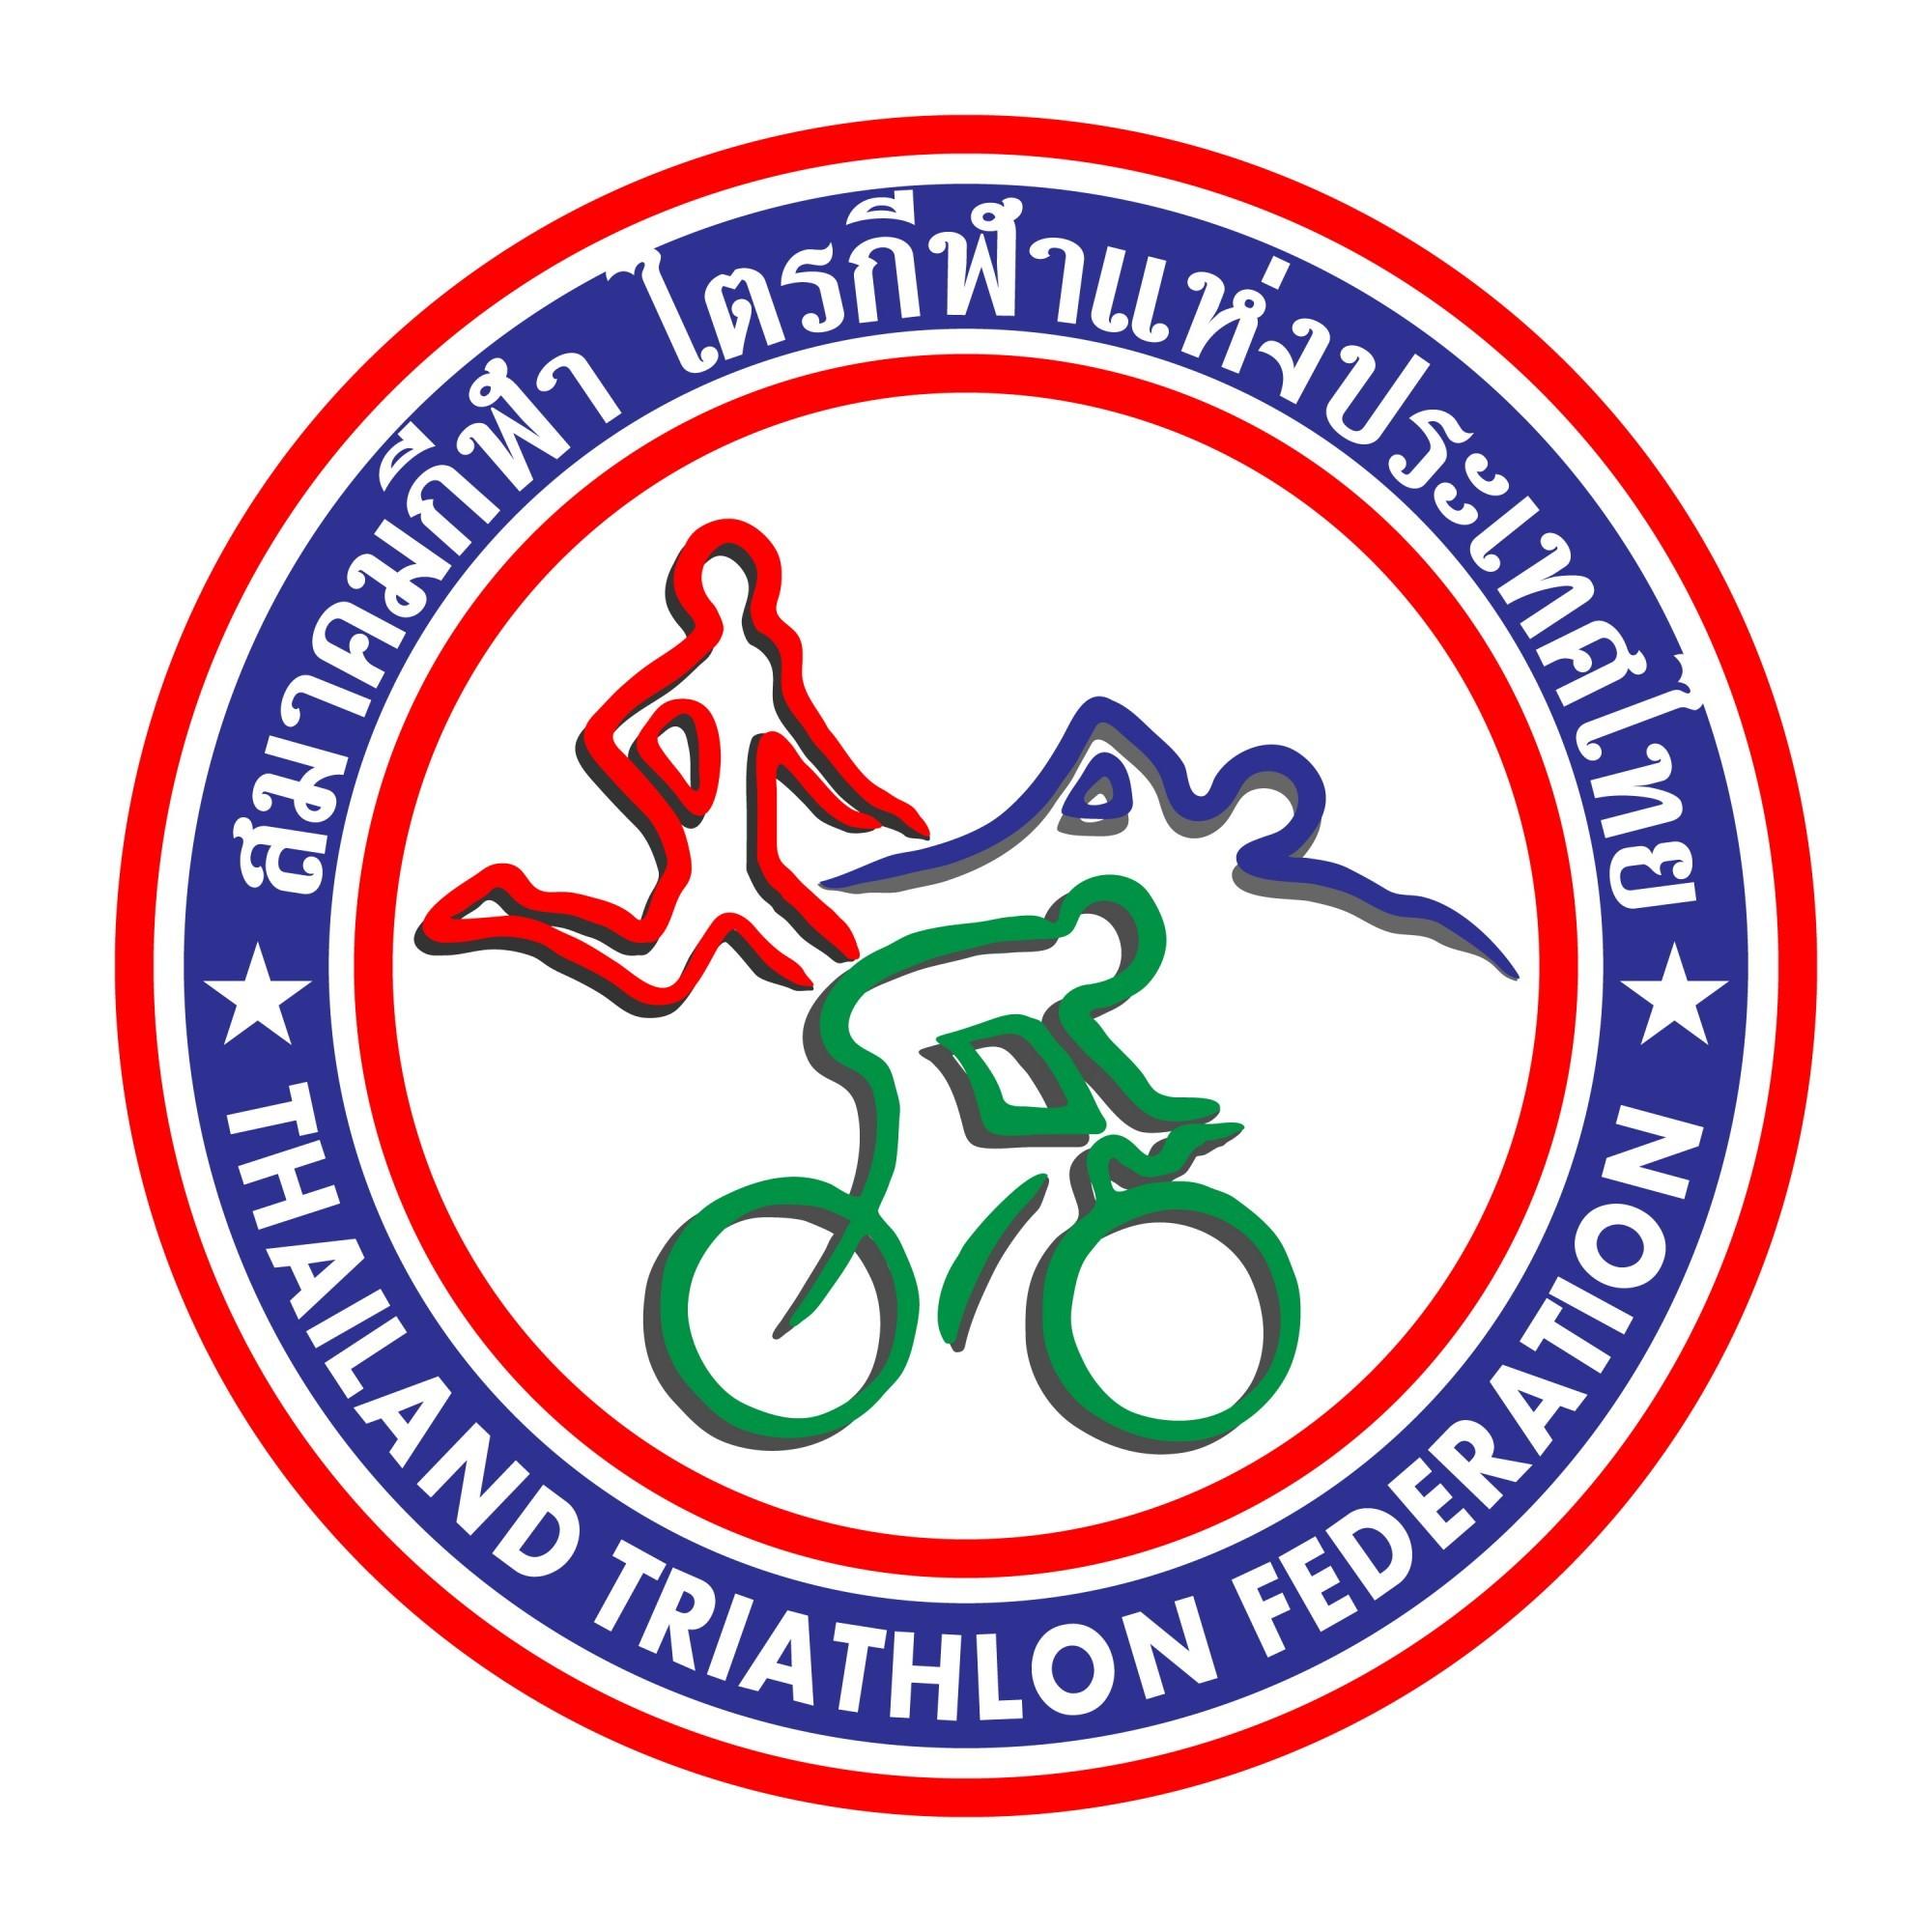 Thailand Triathlon Federation logo